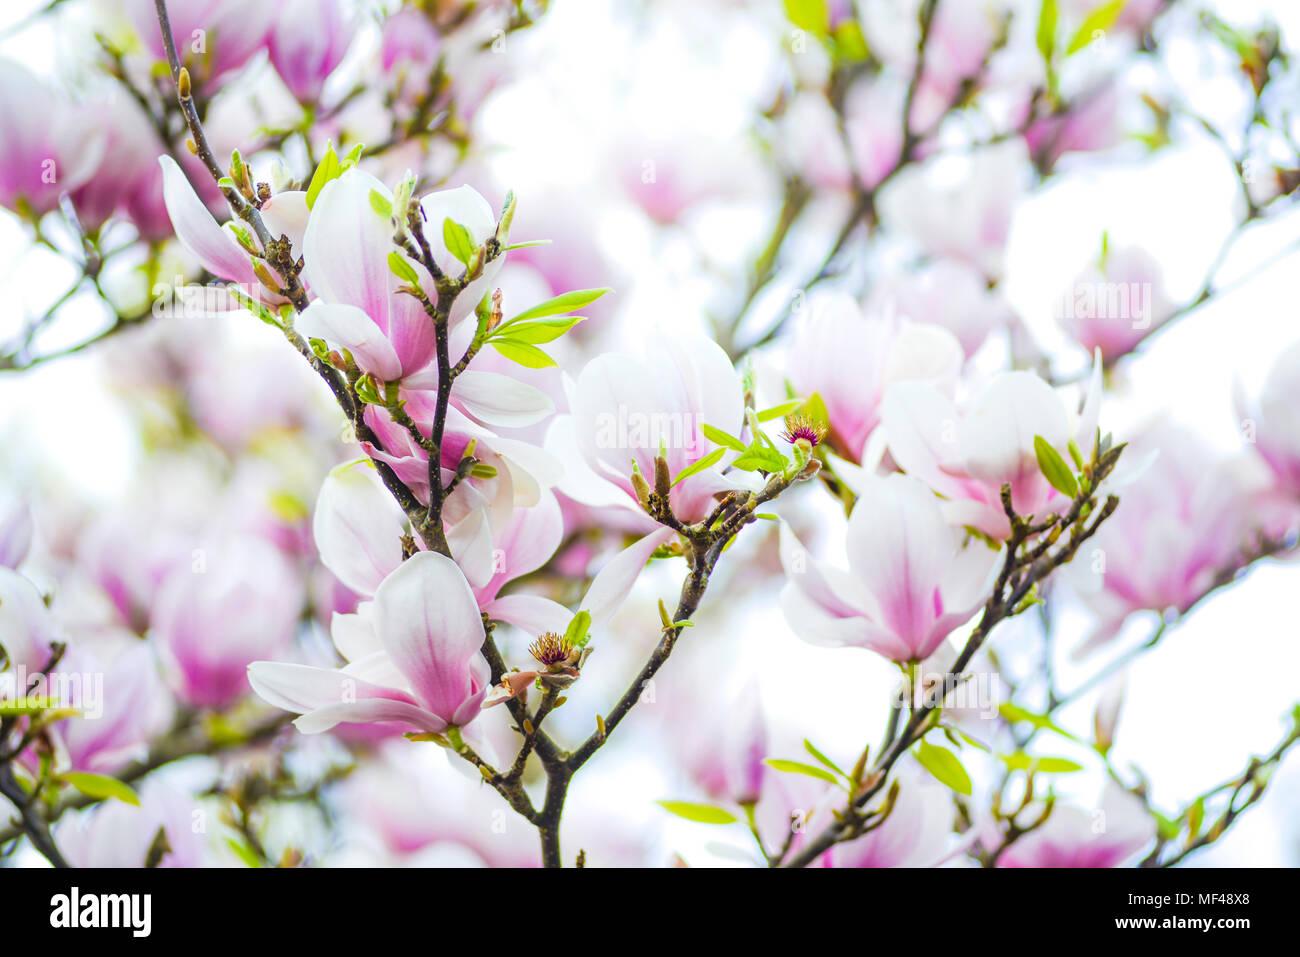 magnolia, tree, spring, blossom, flower, garden, pink